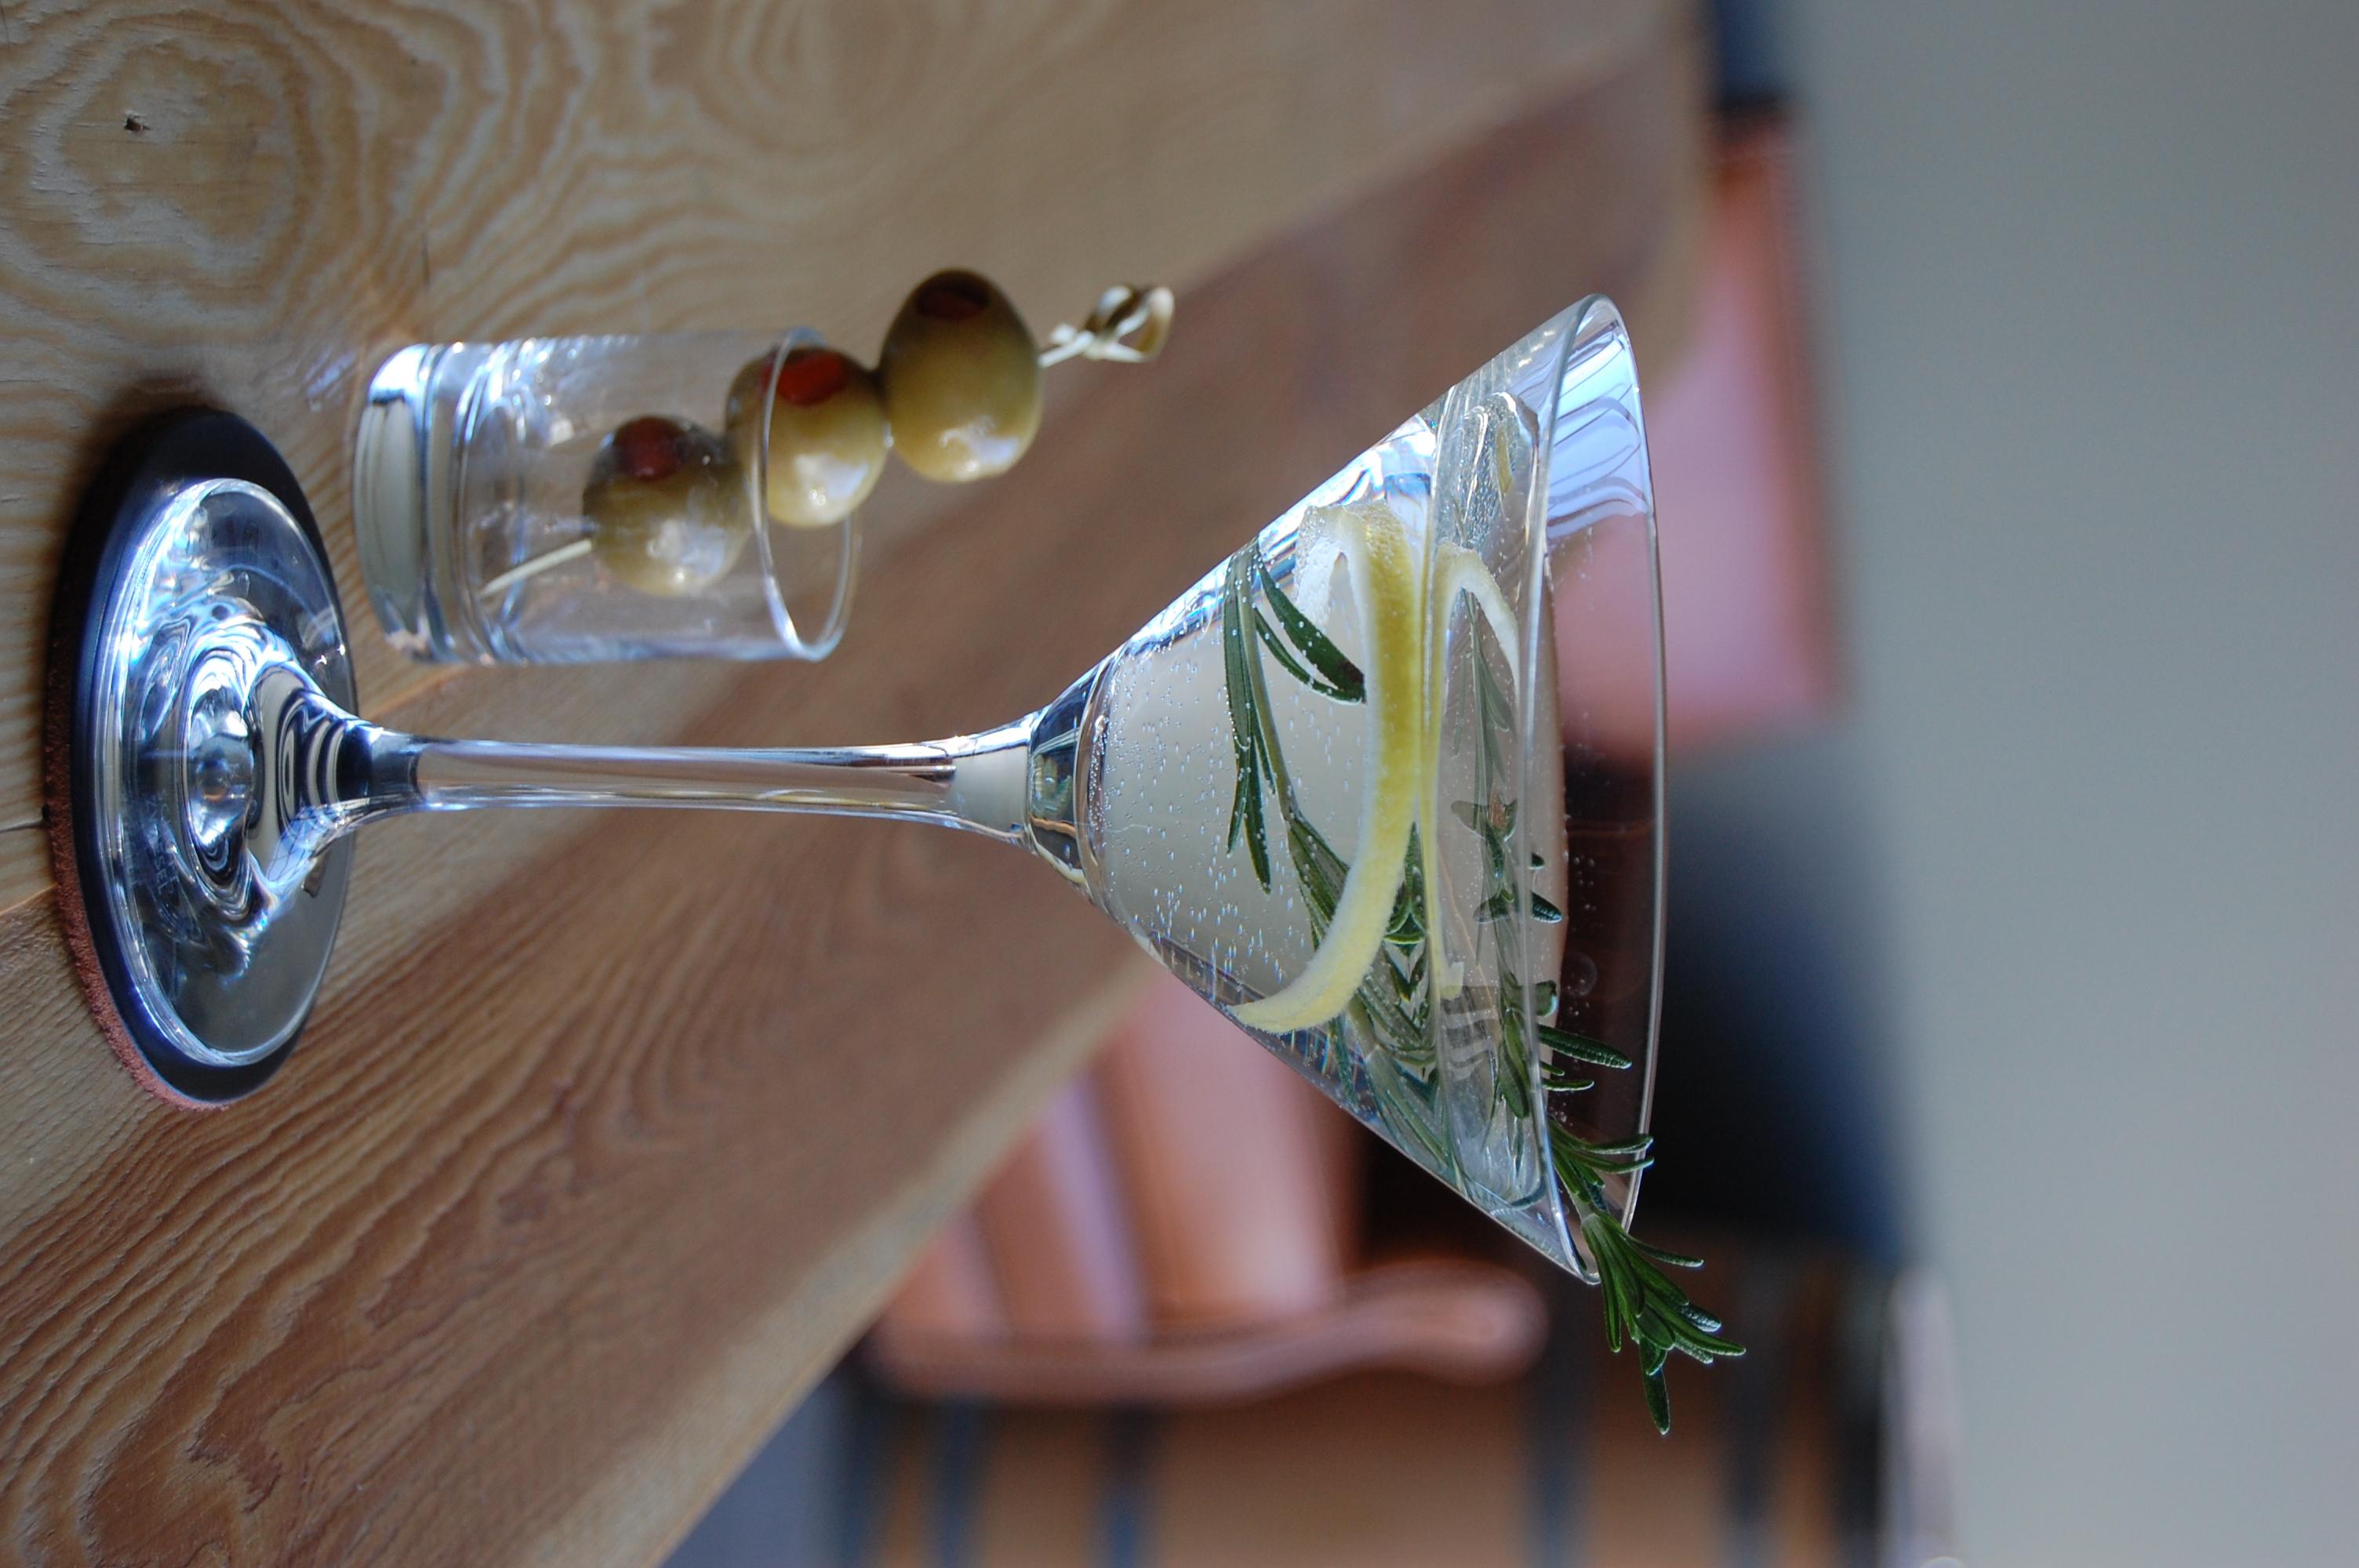 Hardshore Distilling